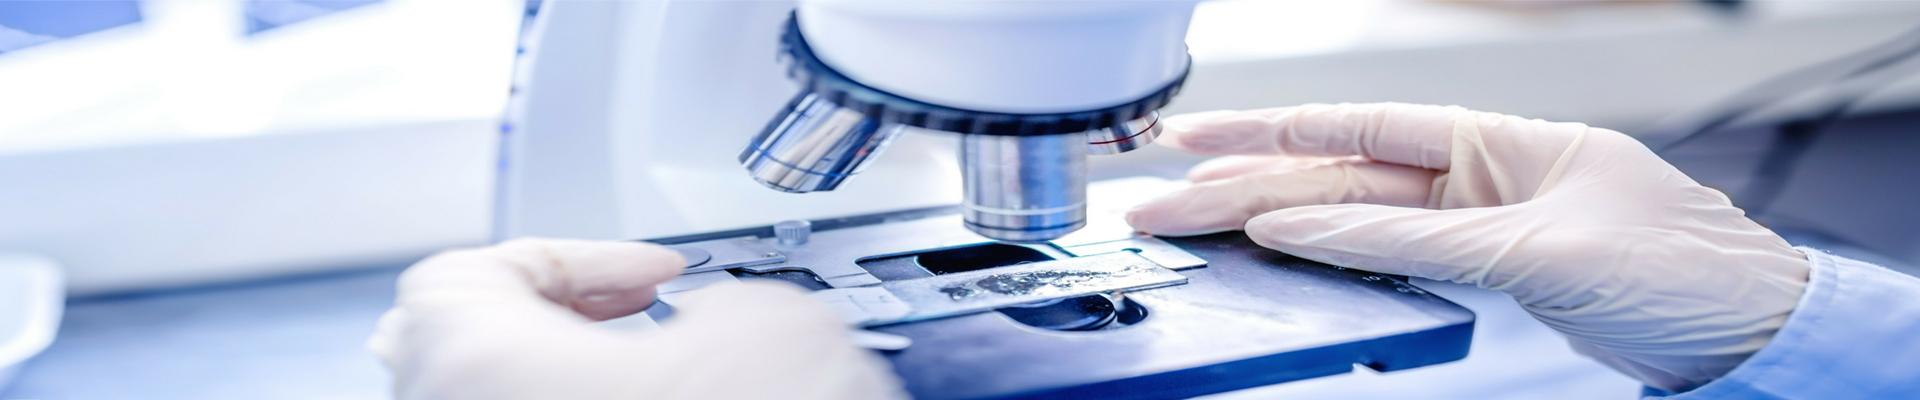 gyógyítsa meg a papillomavírusos nőket